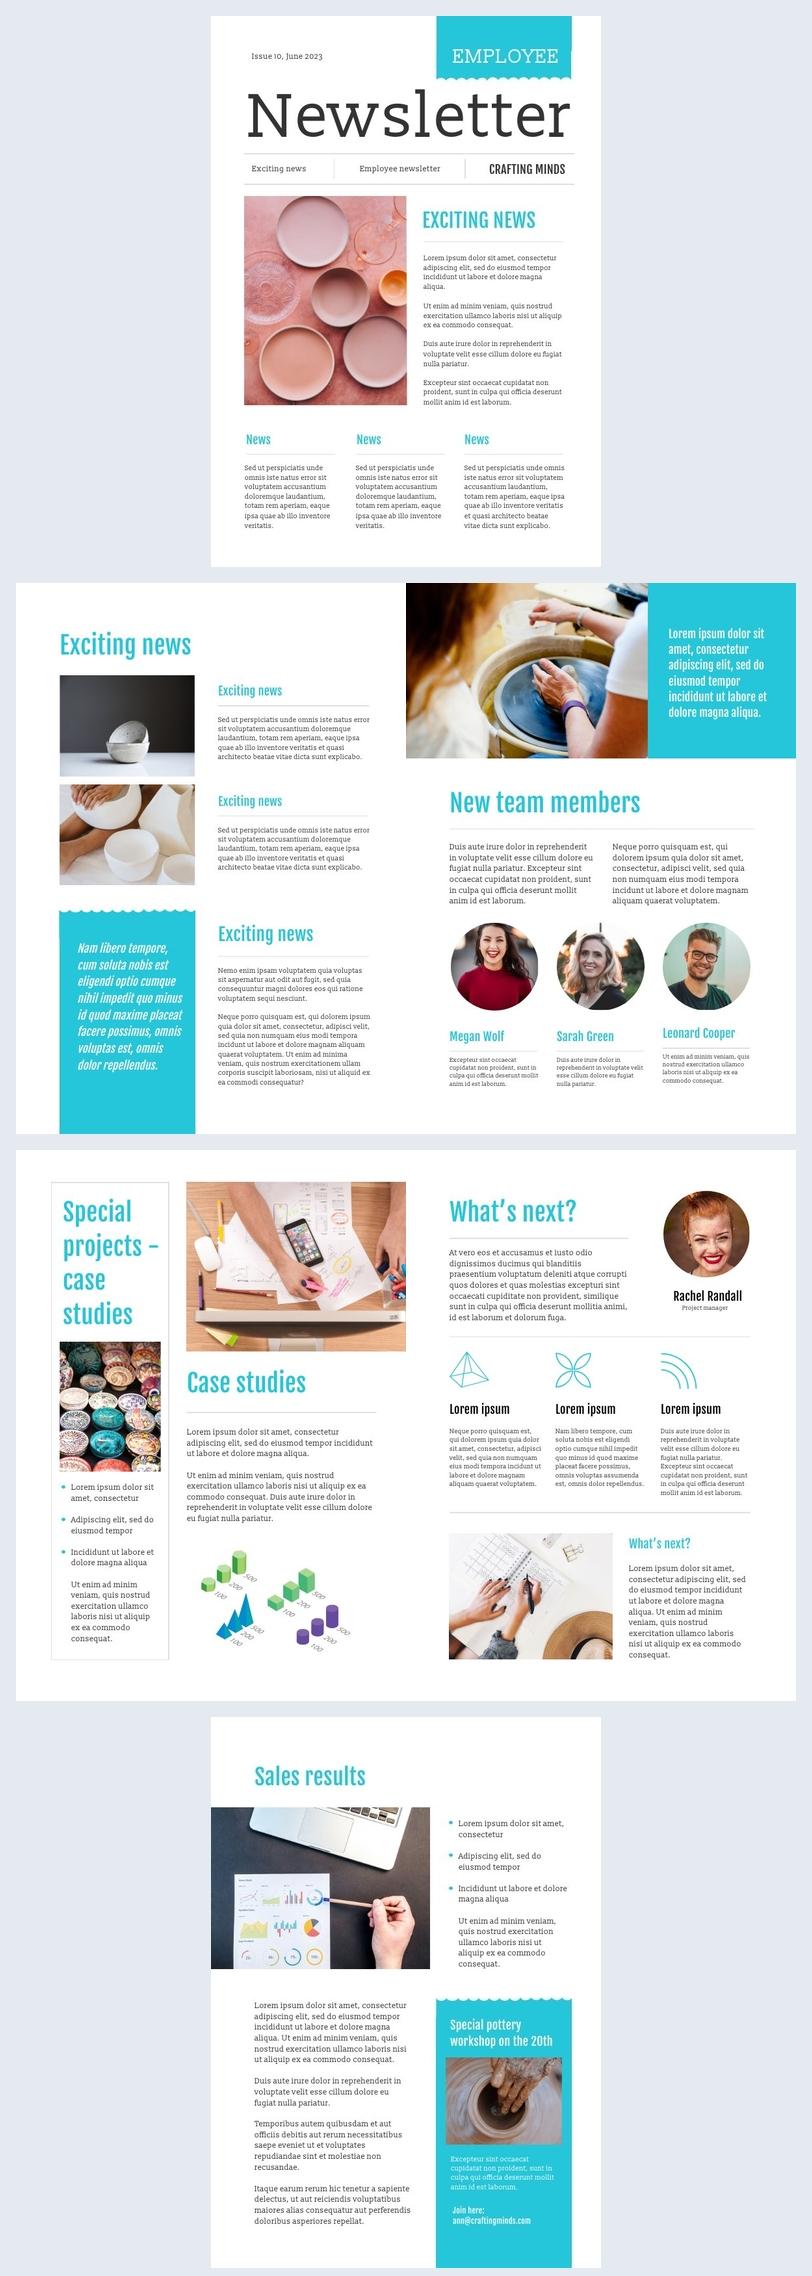 Editable Employee Newsletter Example